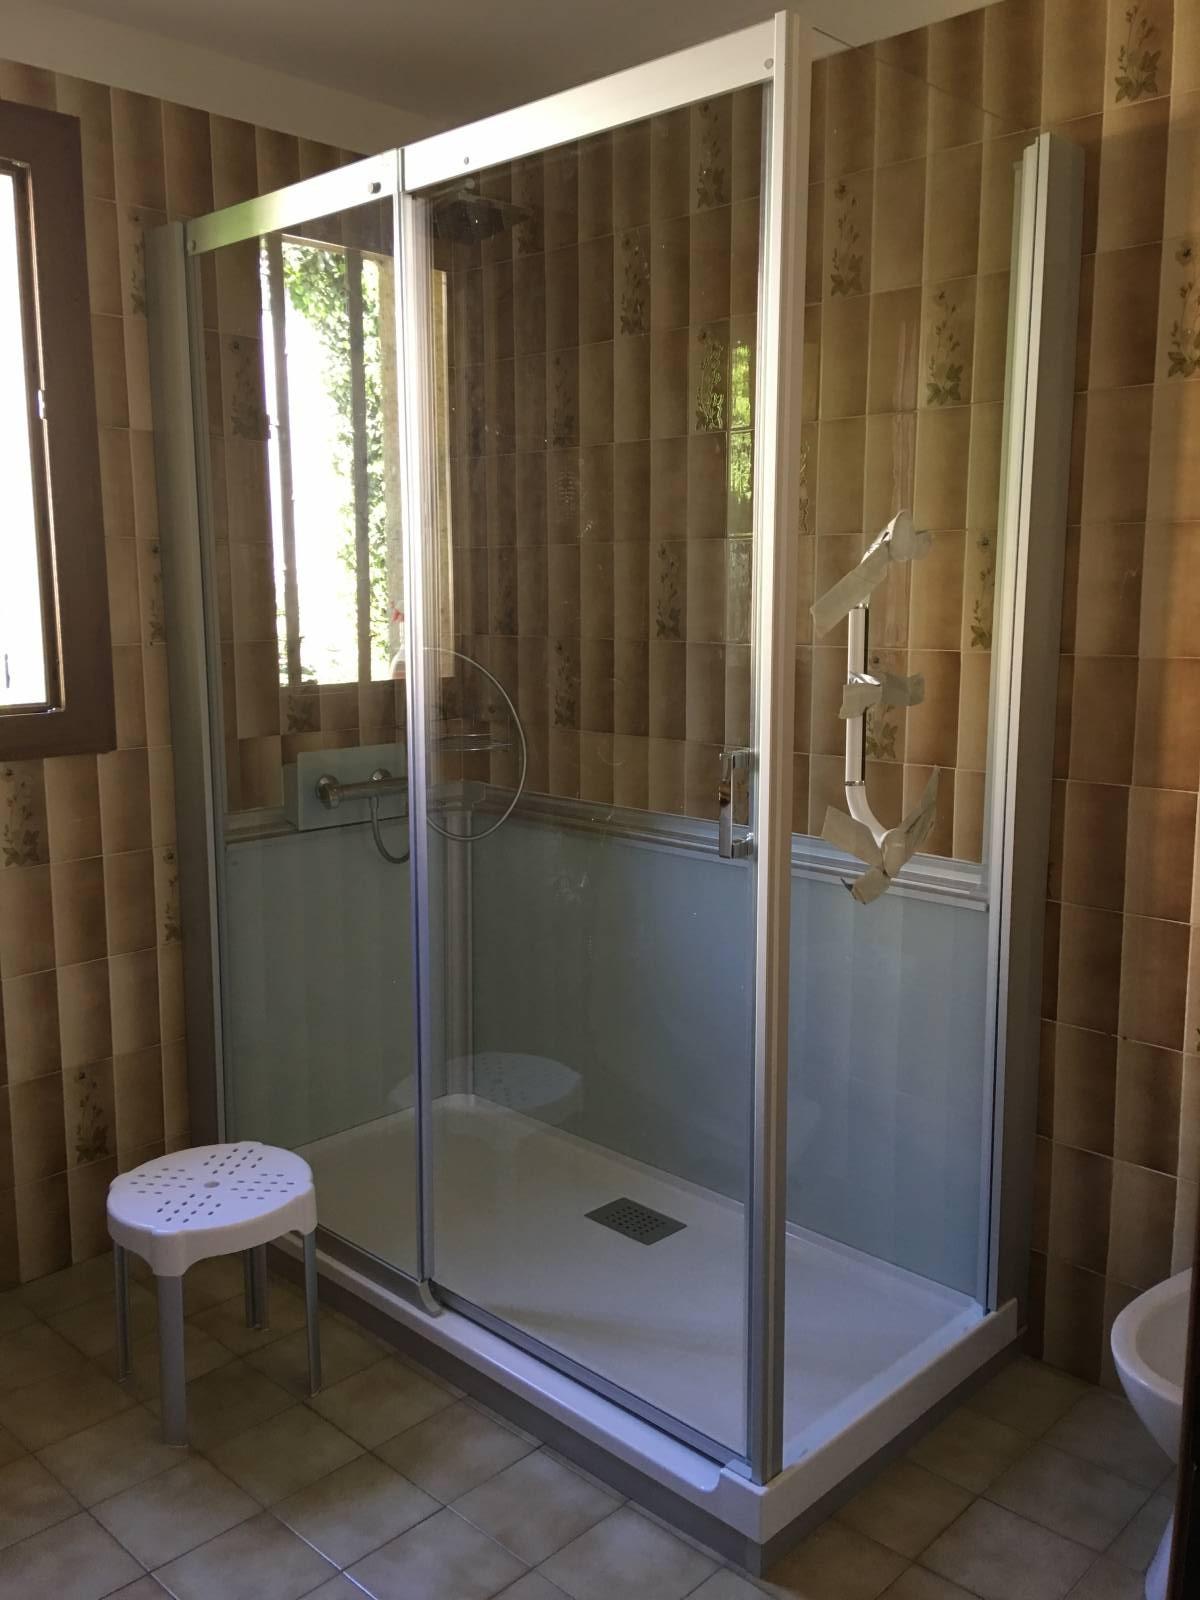 sp cialiste remplacement baignoire par douche senior s curis e cagnes su mer et dans tout le. Black Bedroom Furniture Sets. Home Design Ideas